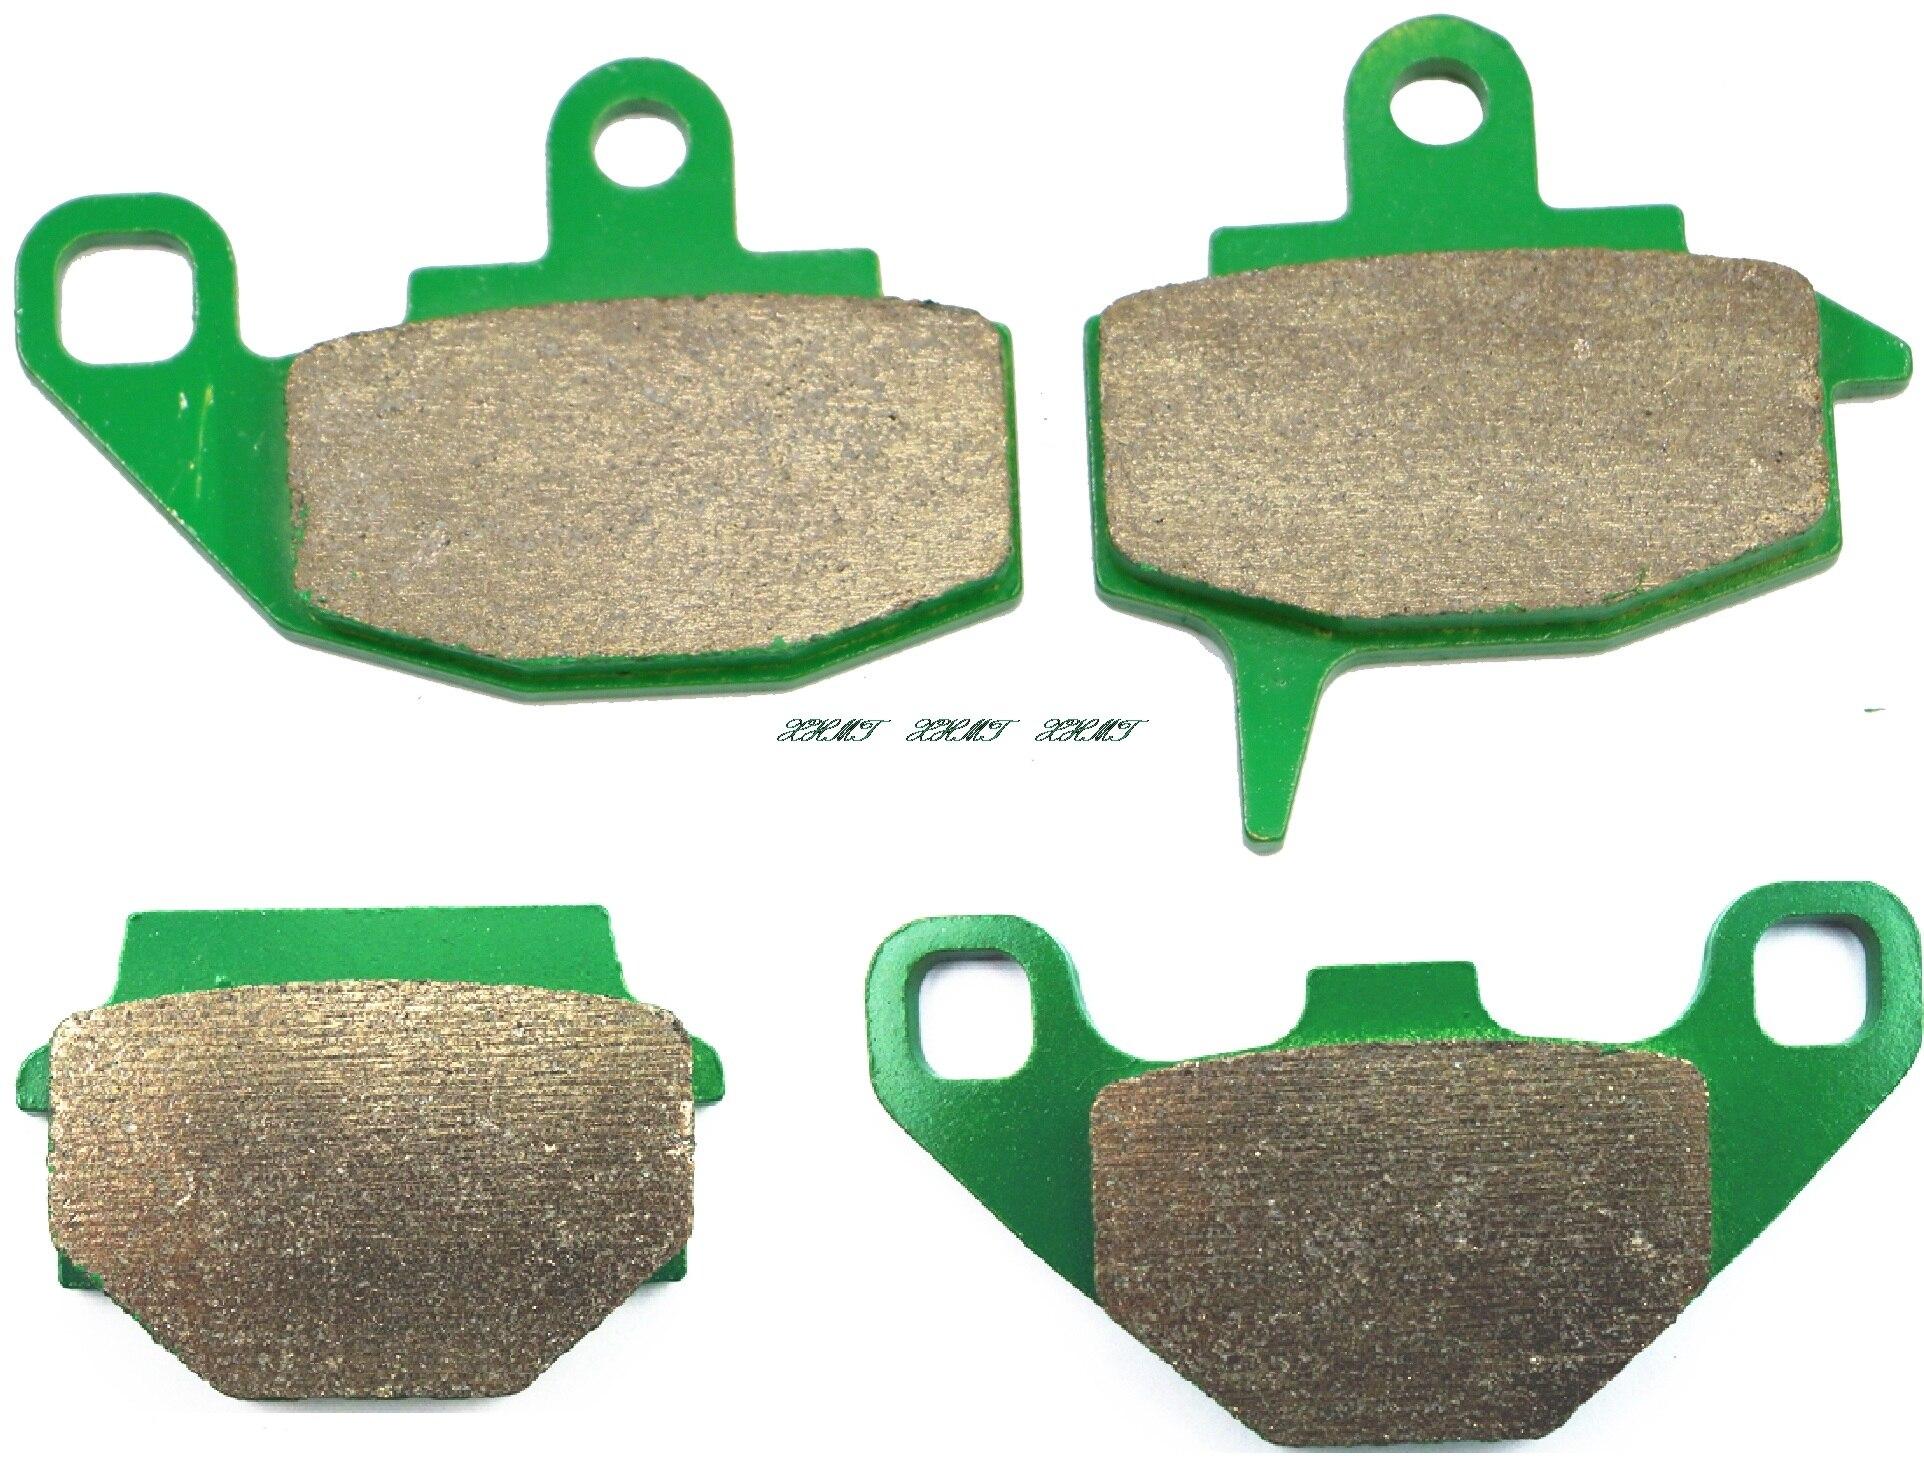 Brake Pad for KAWASAKI KX125 KX 125 KX250 KX 250 KX500 KX 500 C1(87-88)/ KLR650 KLR 650 1987 1988 1989 1990 1991 1992 1993 1994